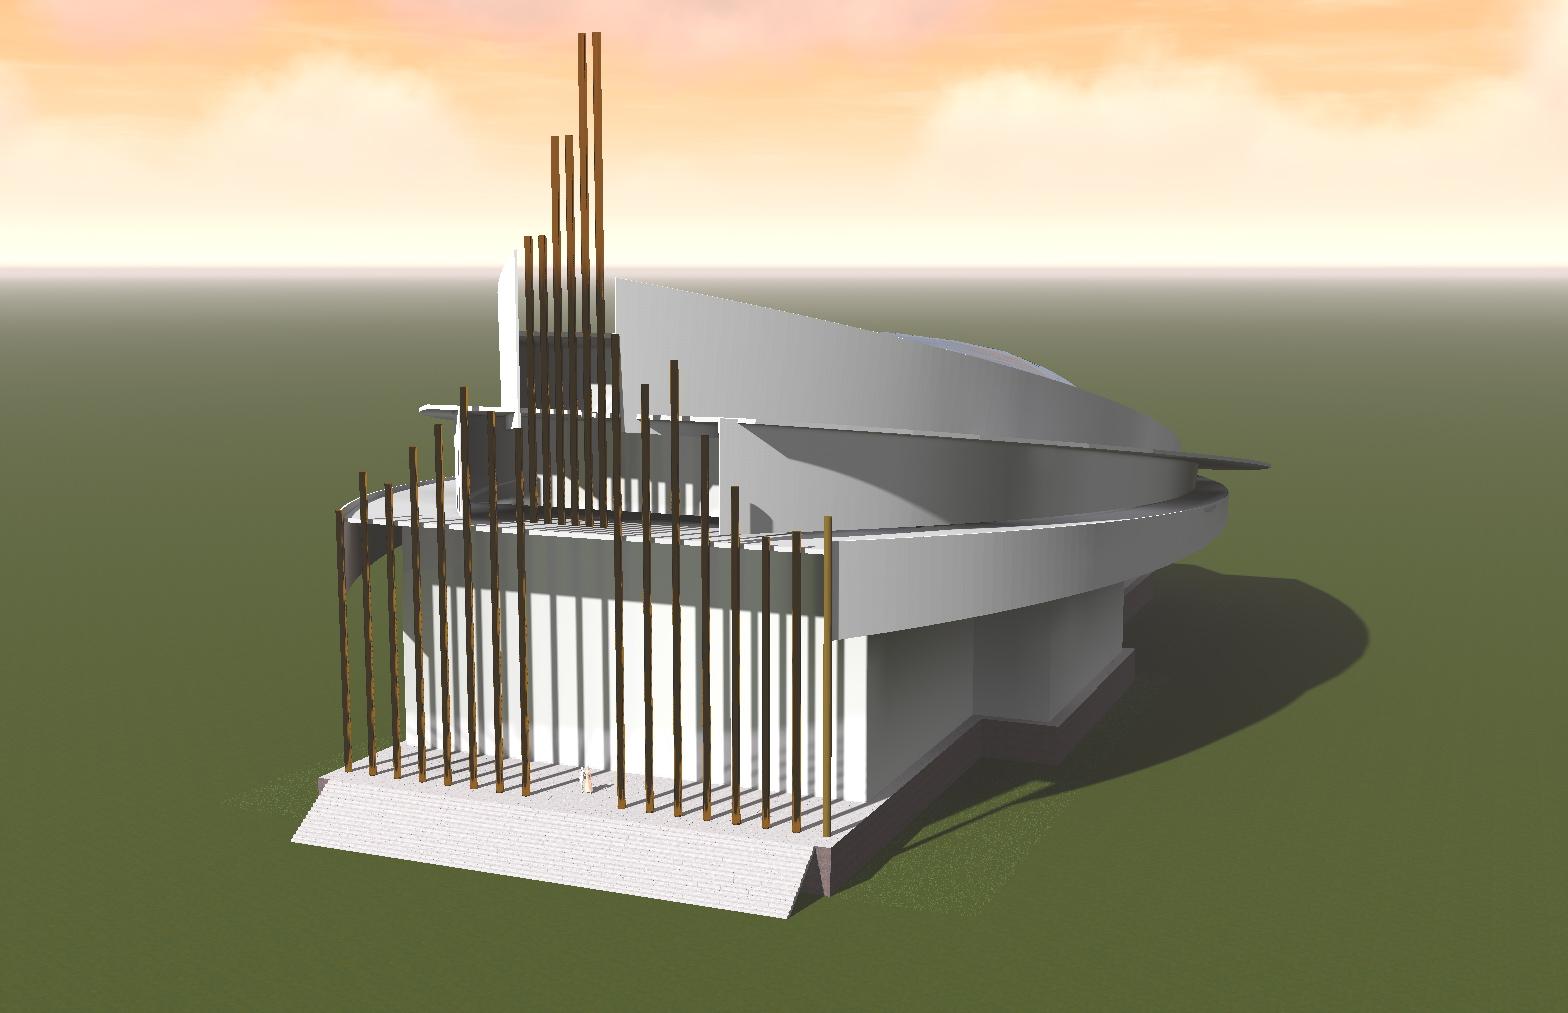 Разработка архитектурной концепции театра оперы и балета фото f_64152f4766bb7e07.jpg